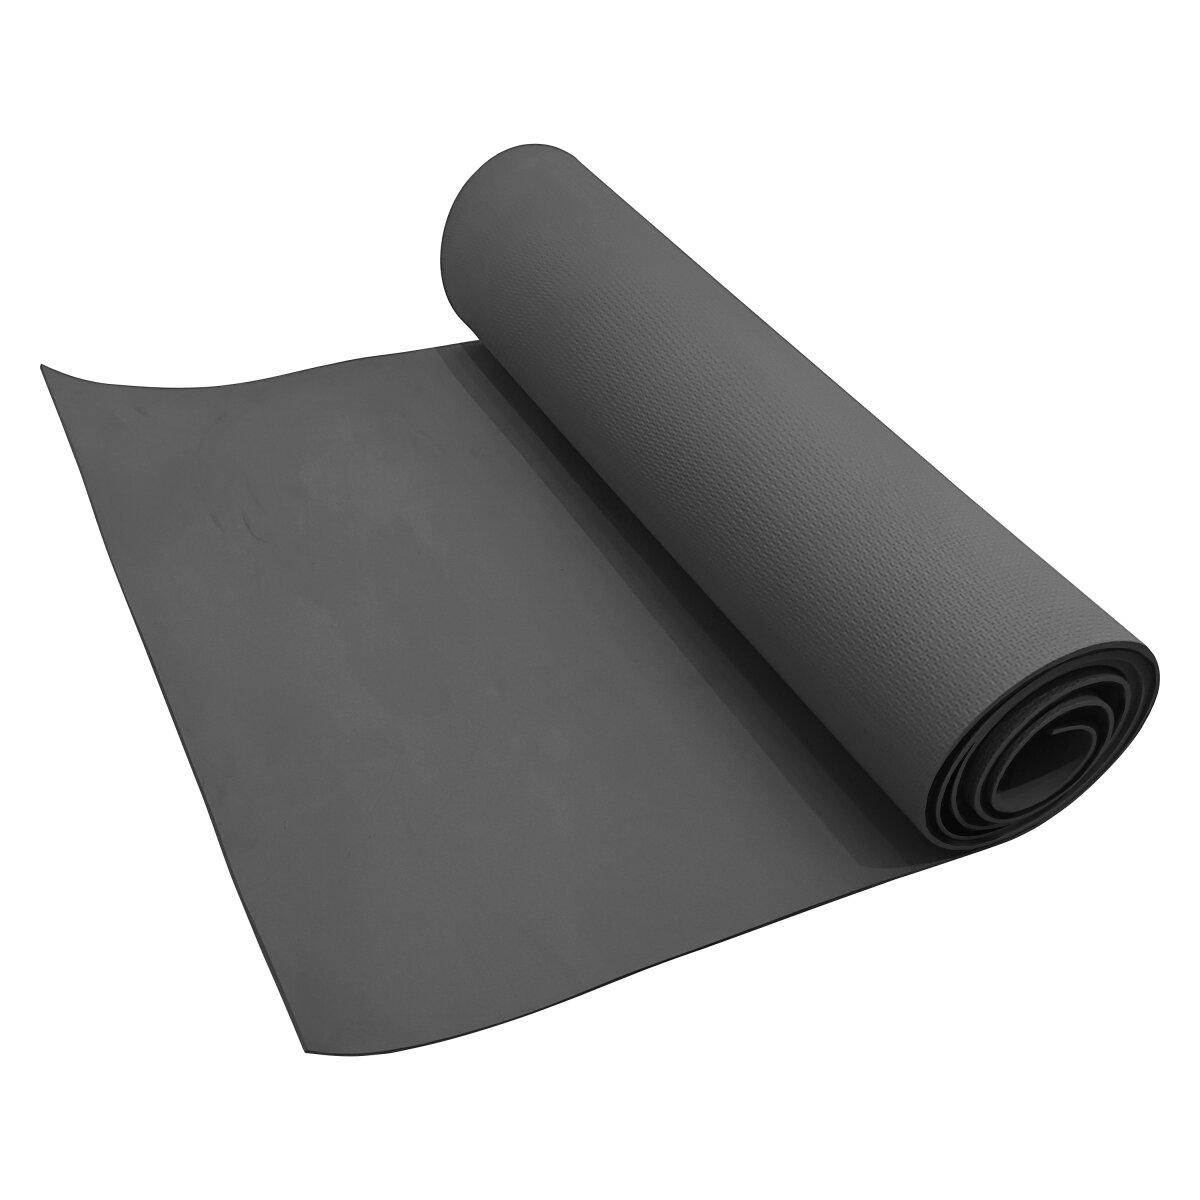 Volkano Active PVC Yoga Mat - Gunmetal Grey